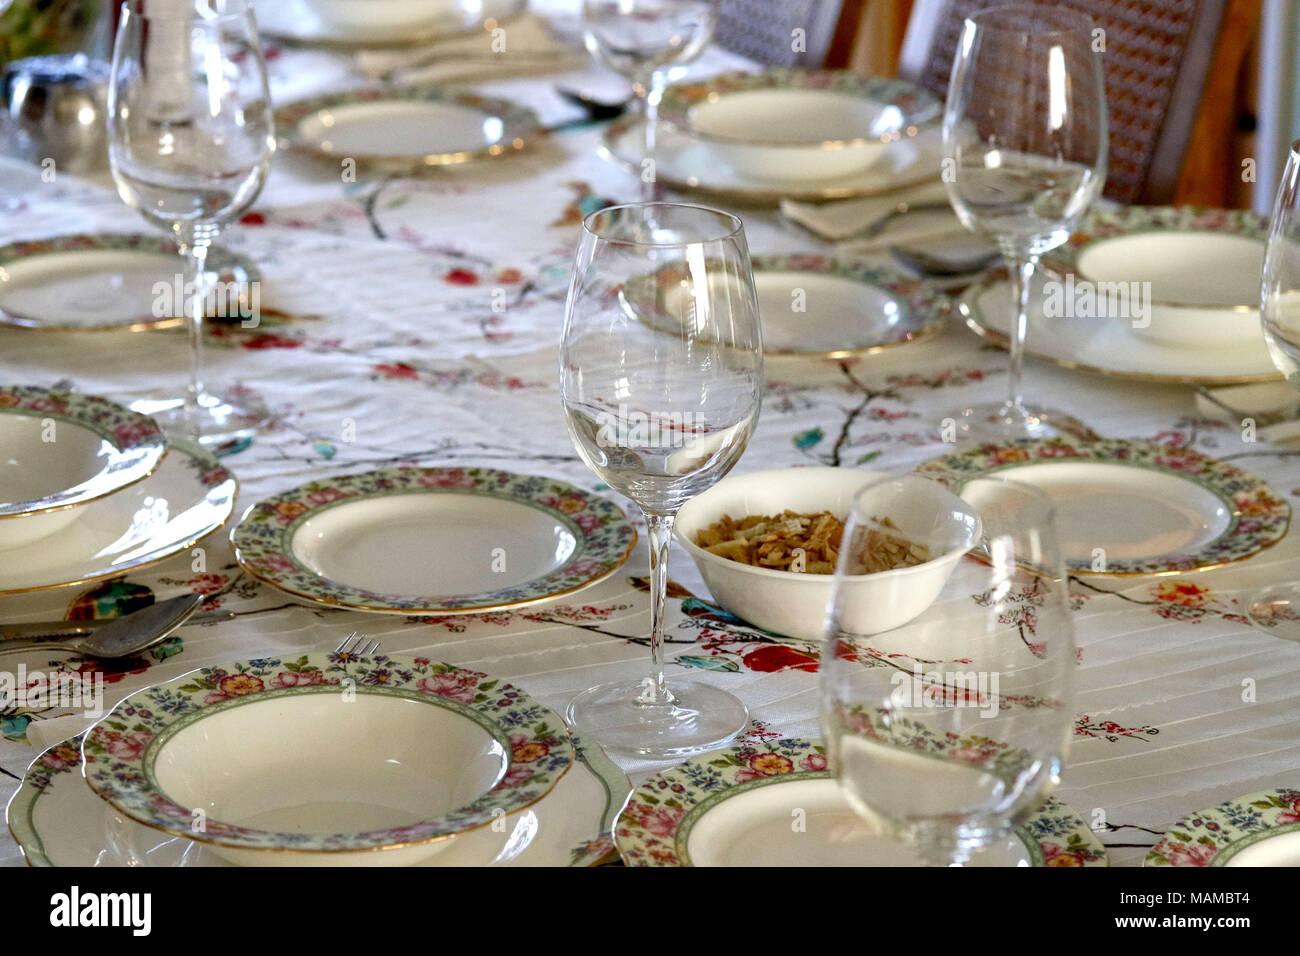 Mesa de comedor con platos y vasos Imagen De Stock